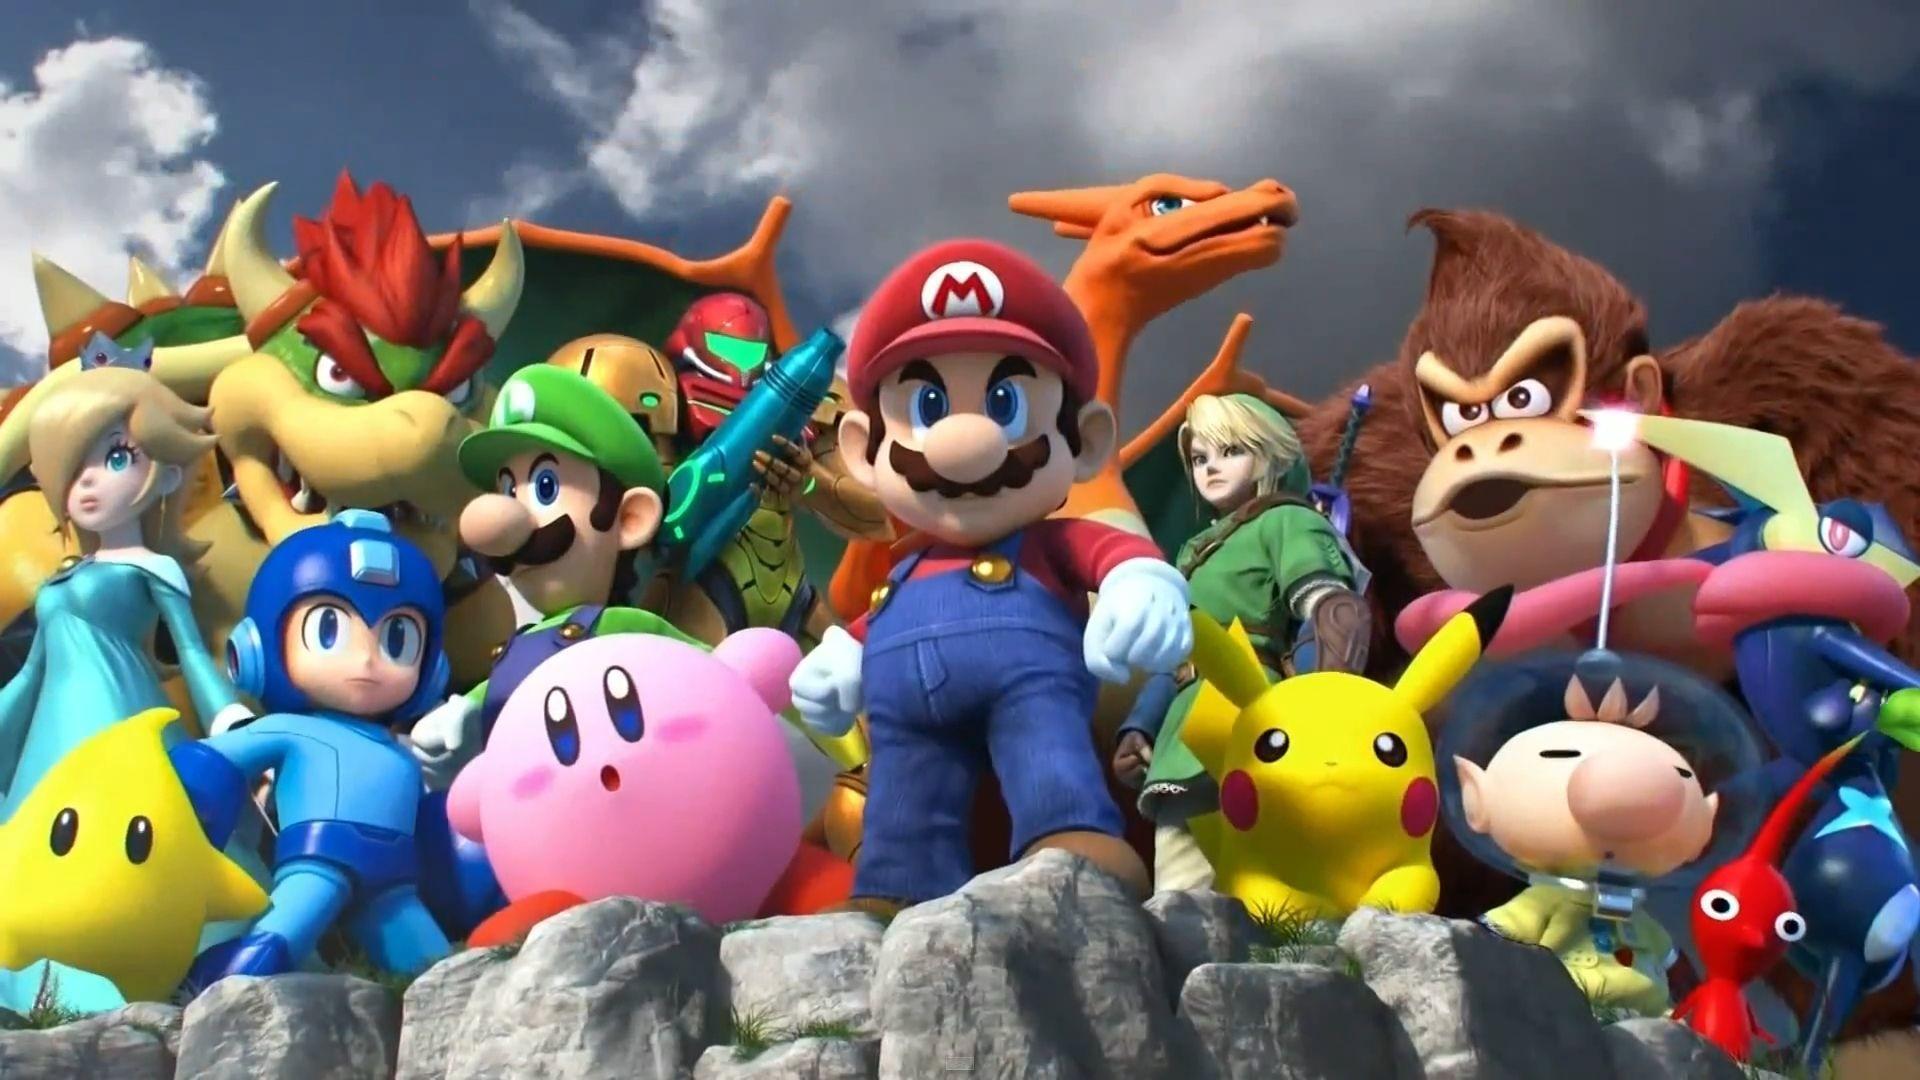 Mario Bros Wallpaper HD (74+ images)